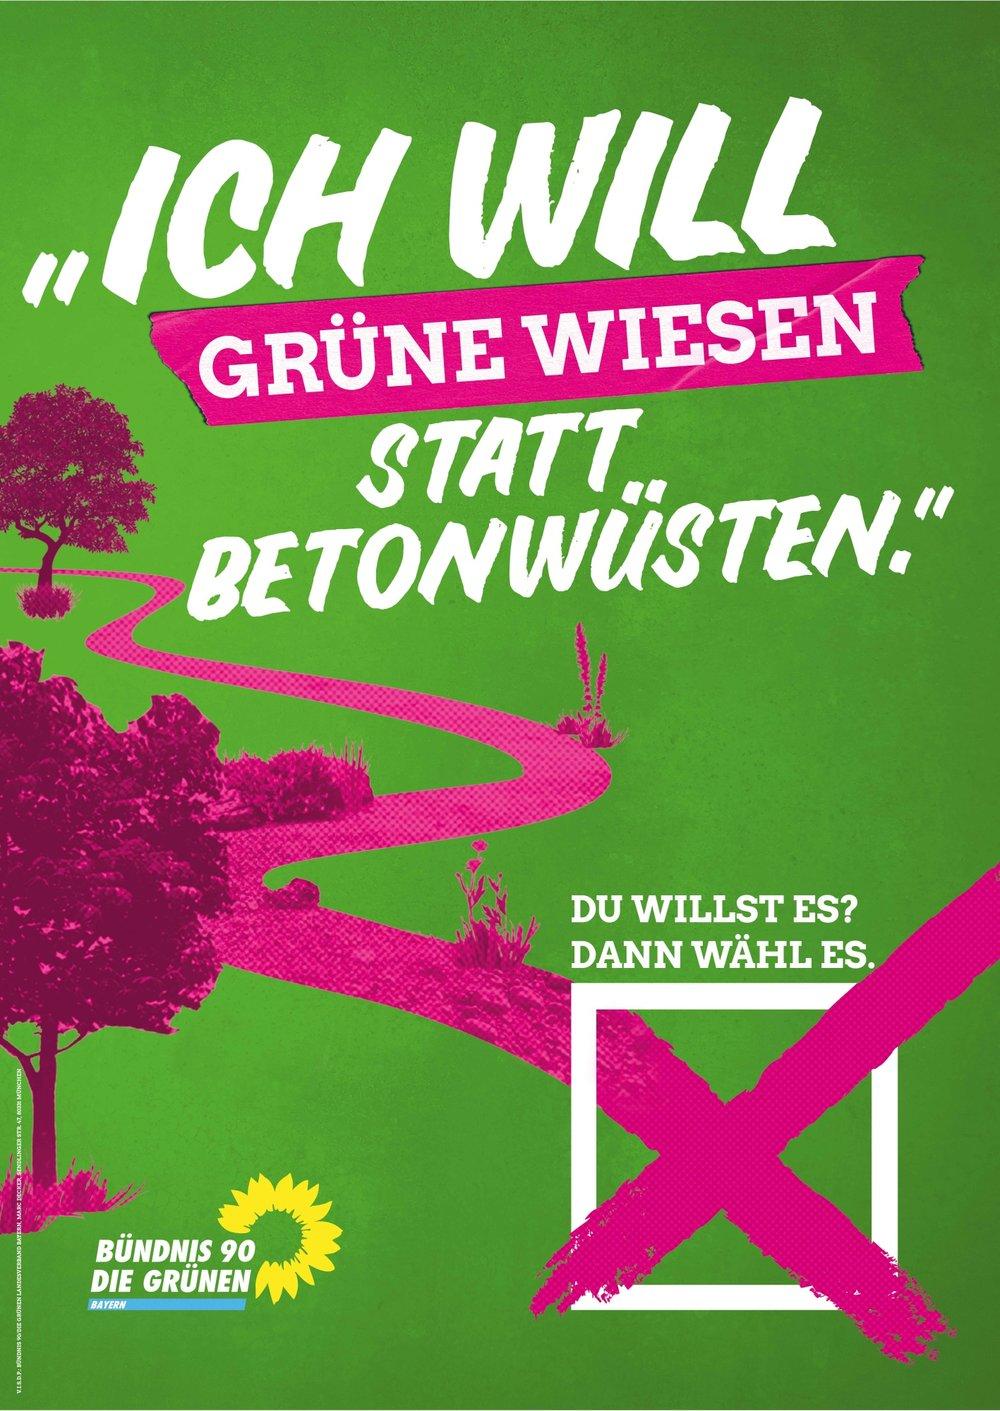 Grüne_Landtagswahl2018_Wiesen.jpg